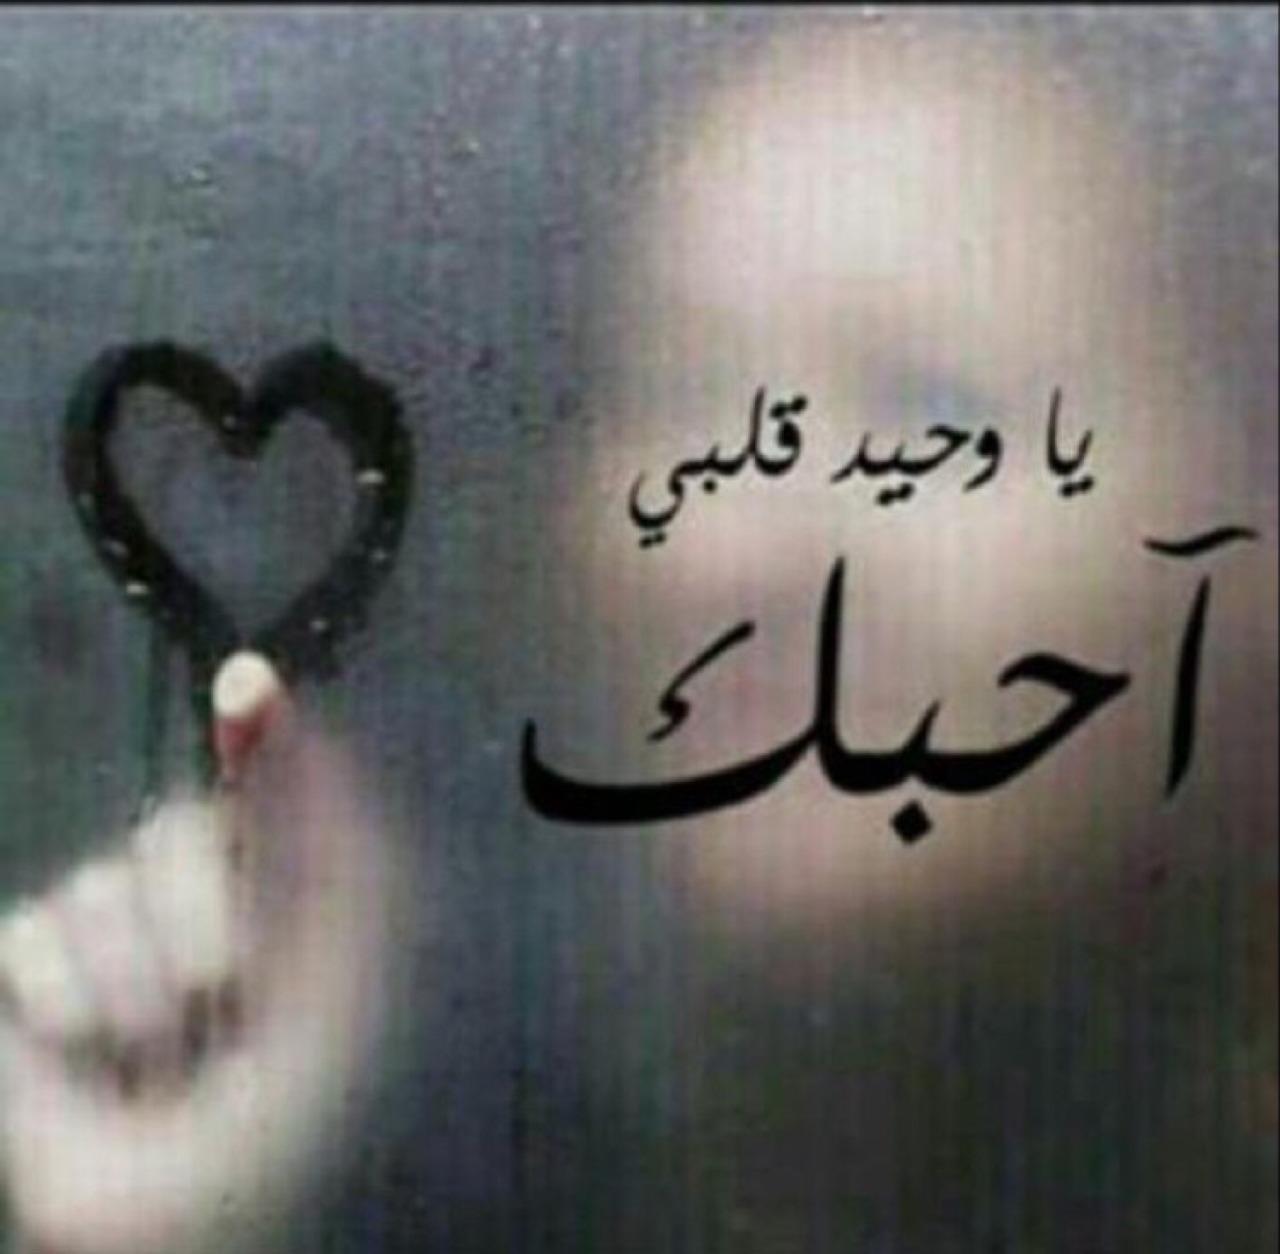 صور احبك حبيبي , اجمل كلمات الحب للحبيب